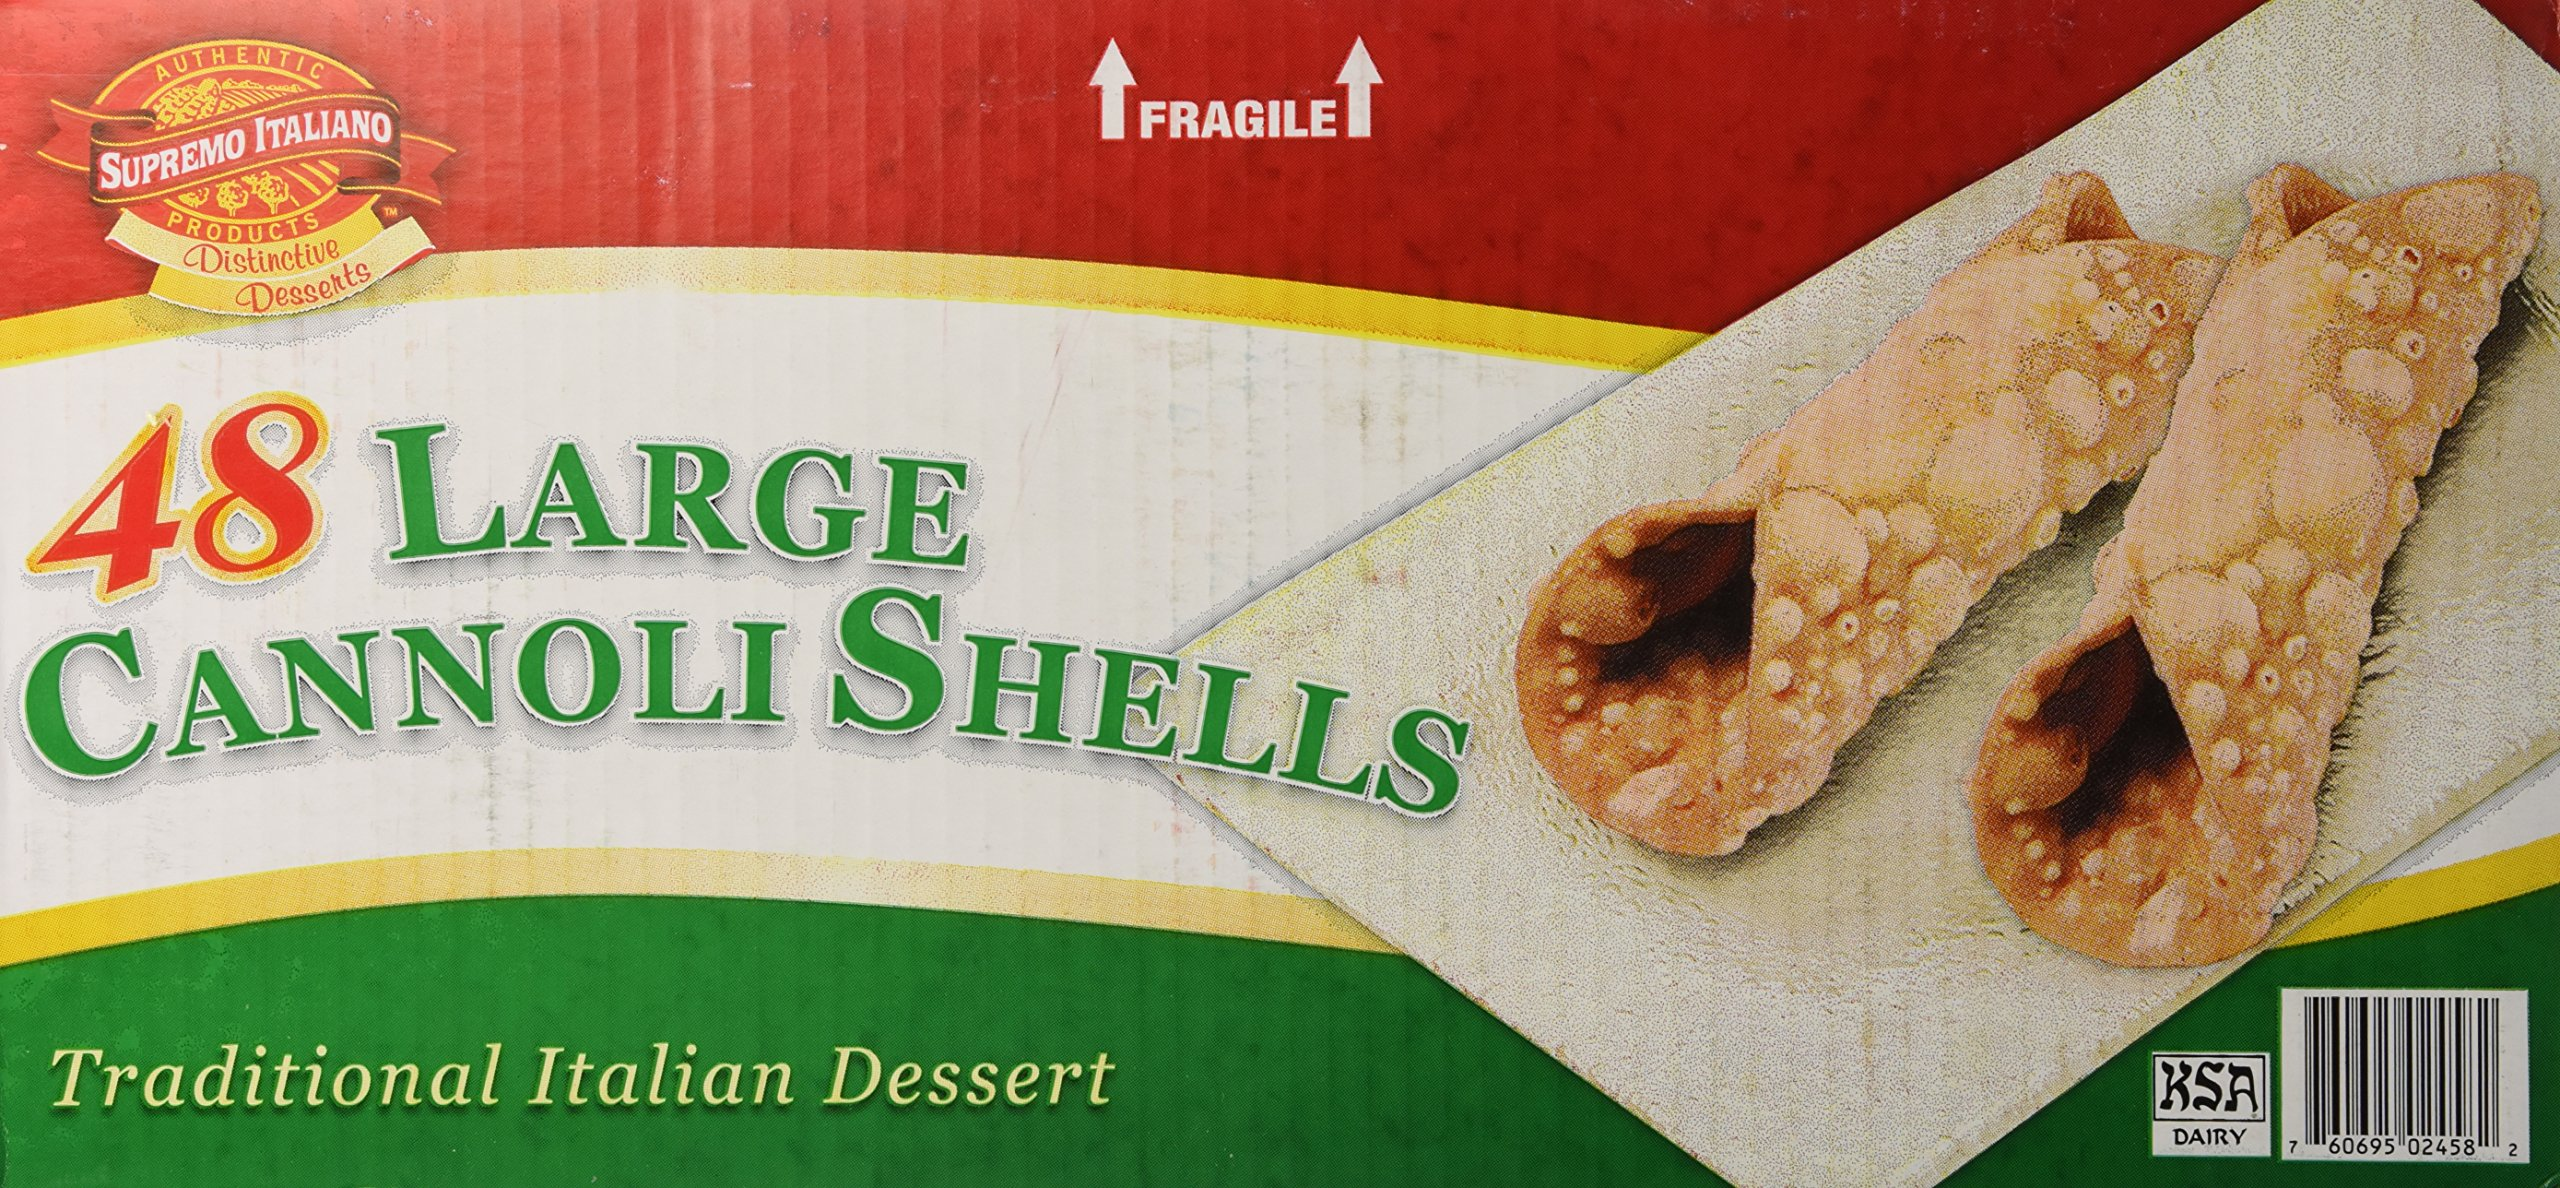 Supremo Italiano Cannoli Shells 48 Ct.